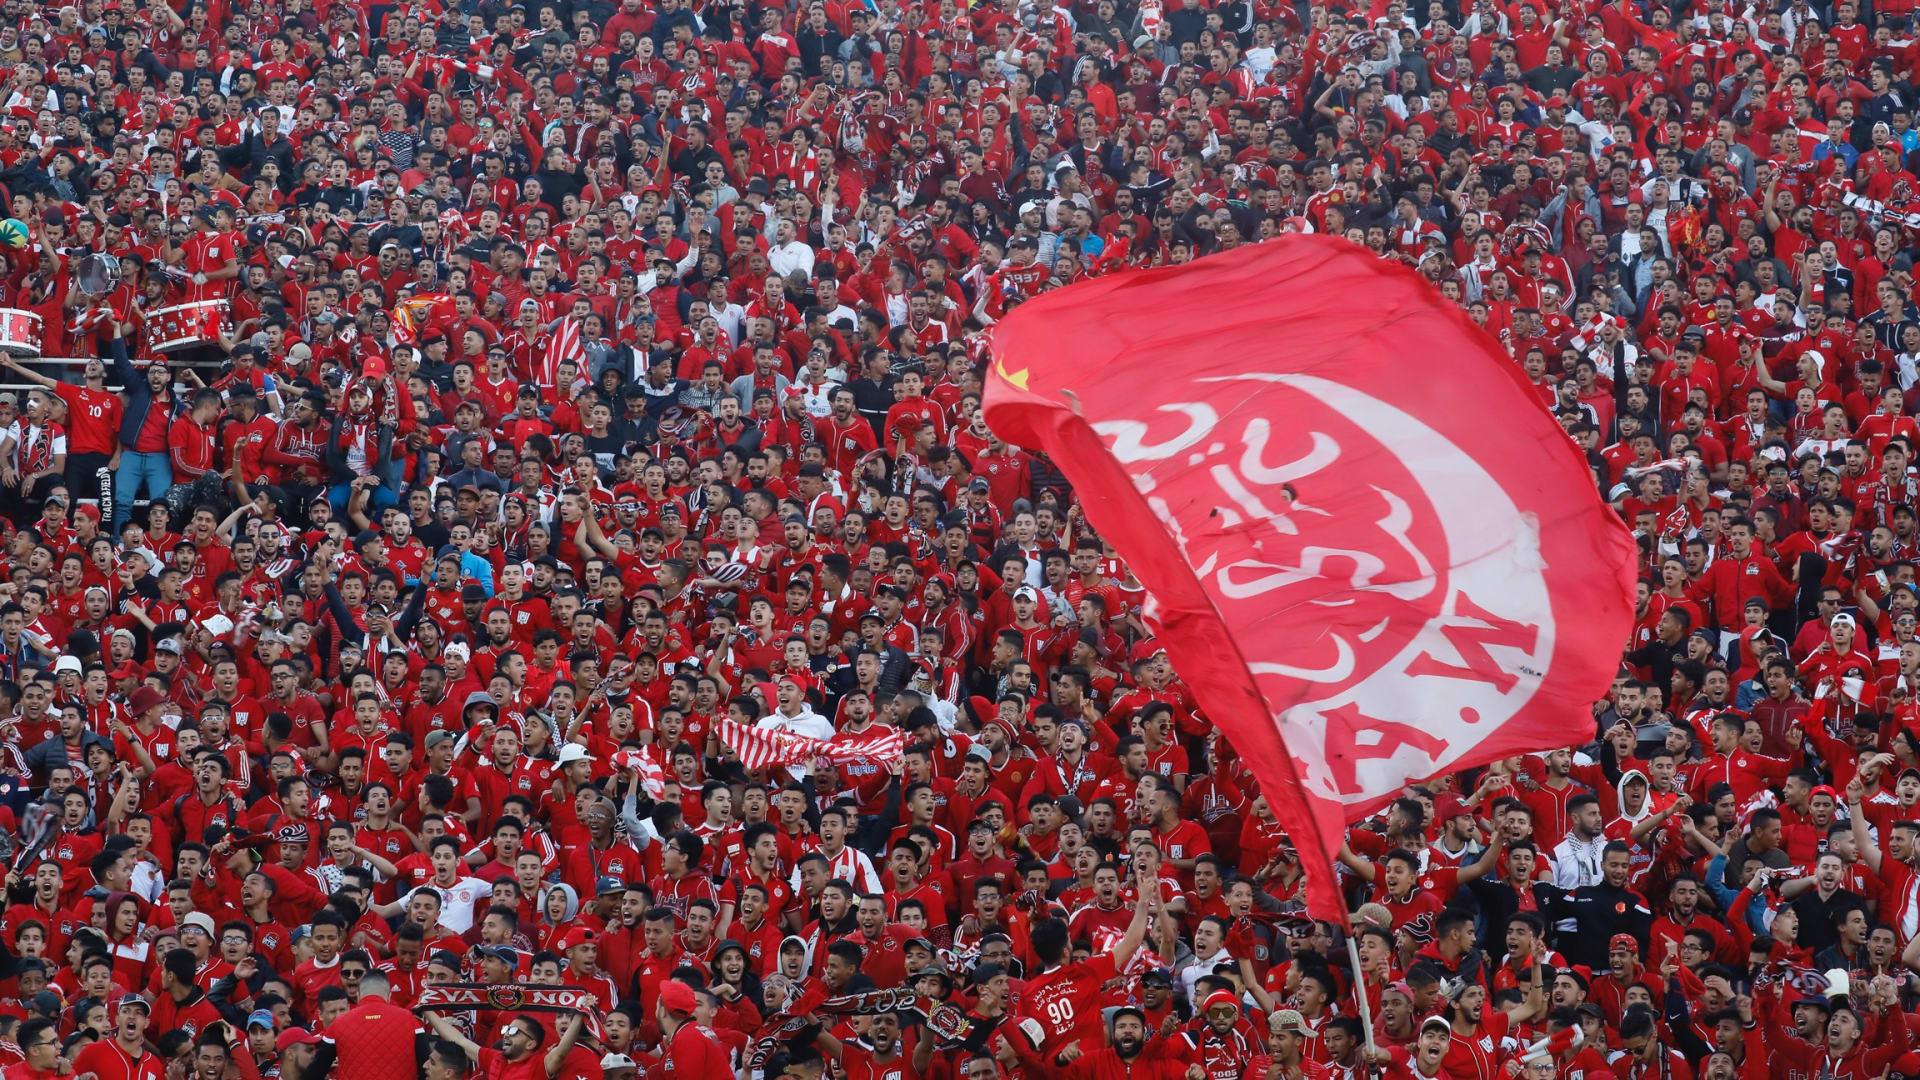 """الوداد المغربي يخوض مباراة """"افتراضية"""" ضد كورونا... ويطرح 60 ألف تذكرة لحضورها"""